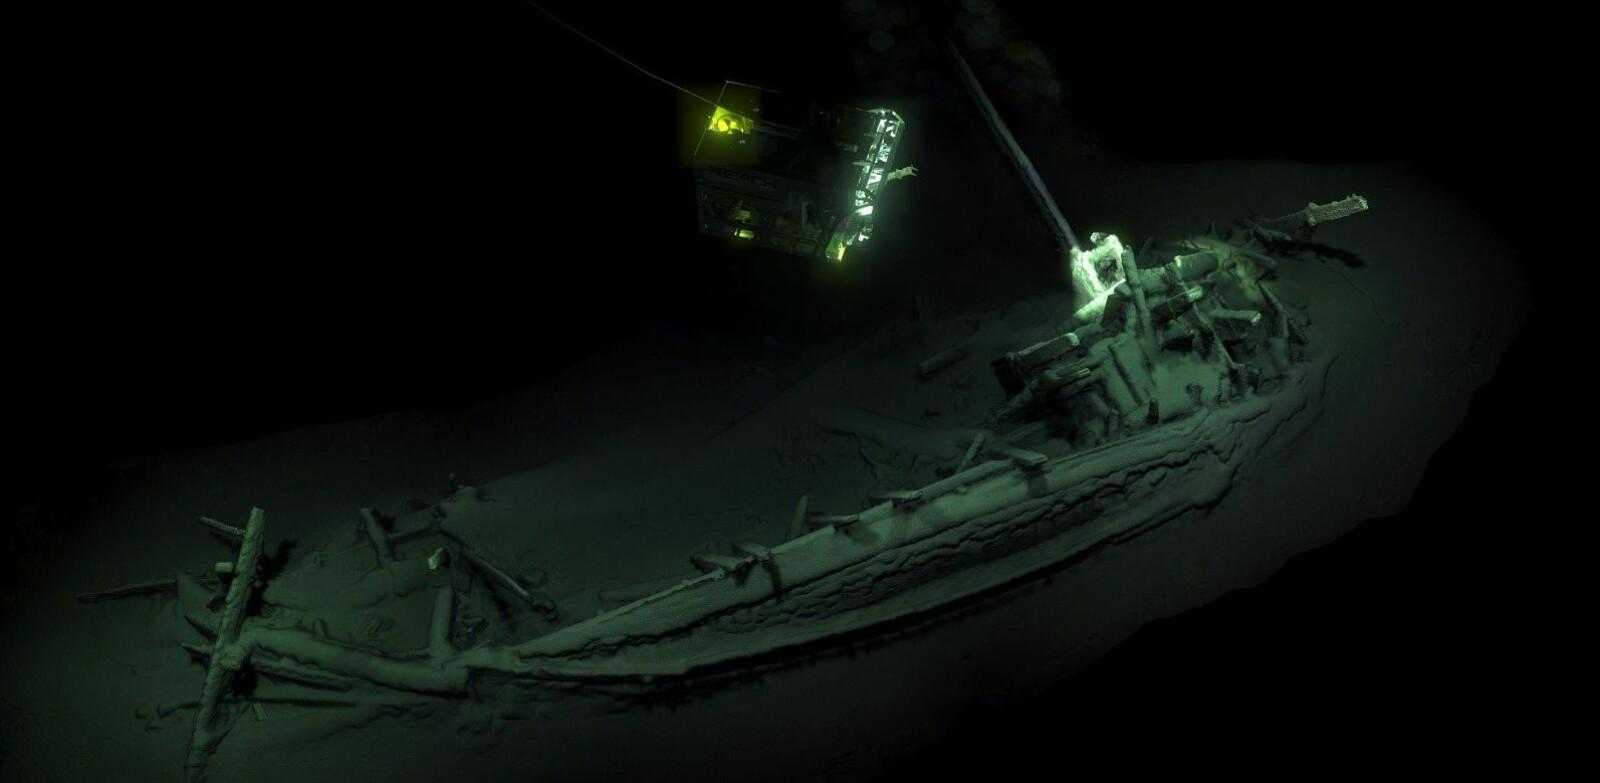 <b>UNIKT FUNN: </b>En fjernstyrt undervannsfarkost (ROV) tar bilder av det 2400 år gamle og svært godt bevarte skipet funnet på 2000 meters dyp i Svartehavet. Forskerne vet foreløpig ikke hva som skjuler seg om bord.